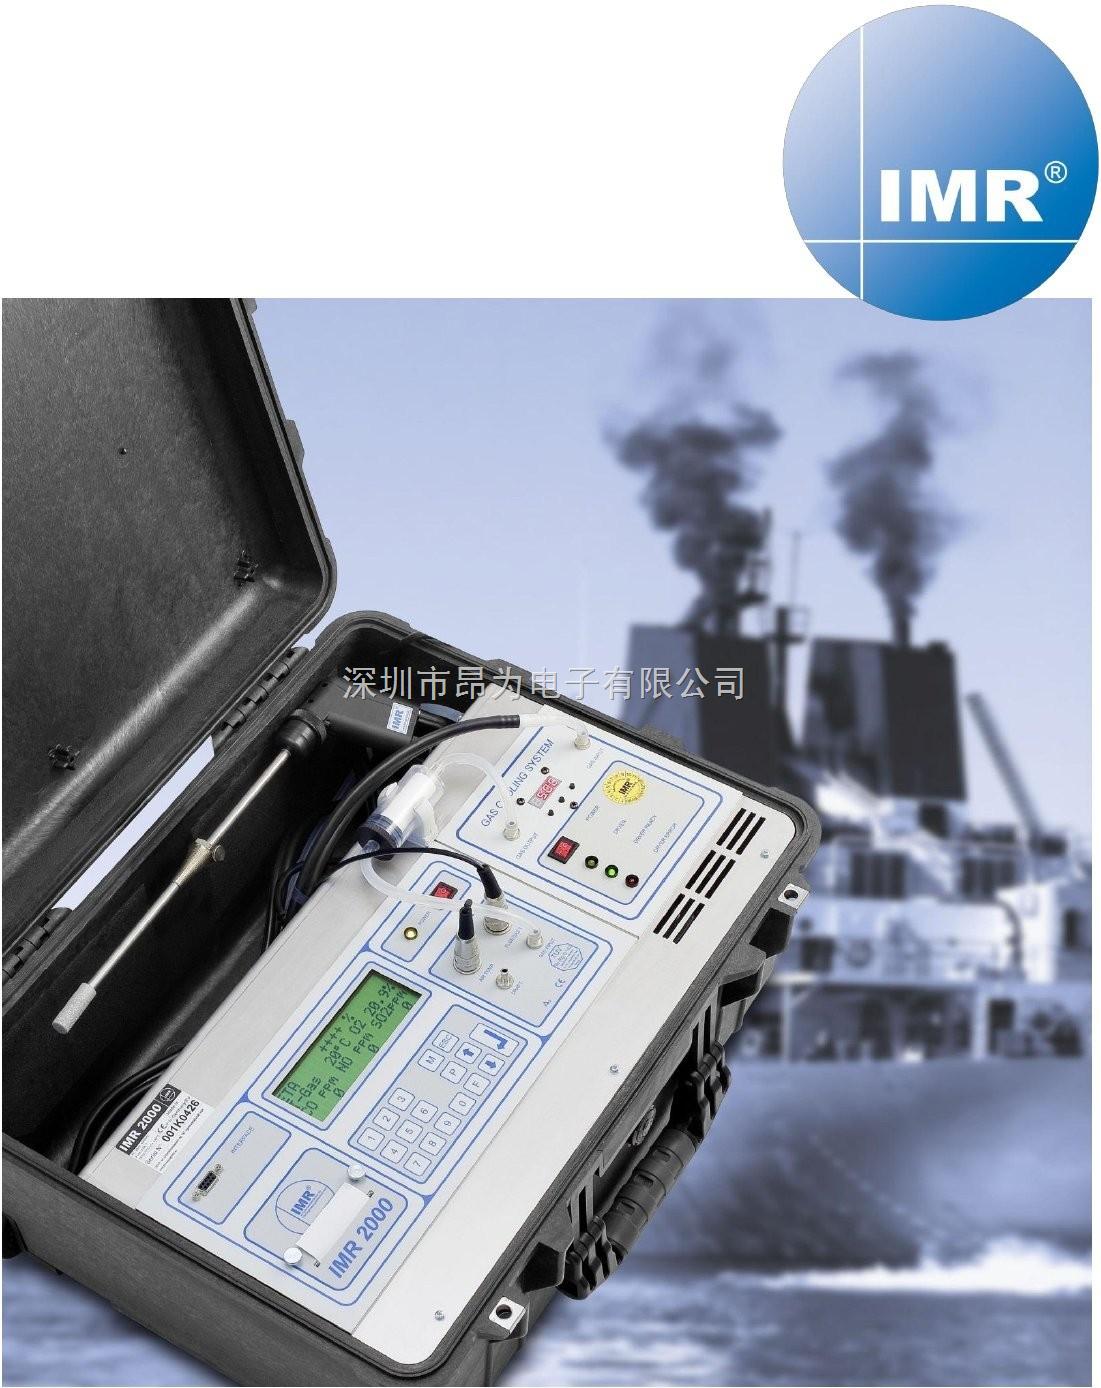 IMR 2000 Marine-气体预处理器 IMR 2000 Marine